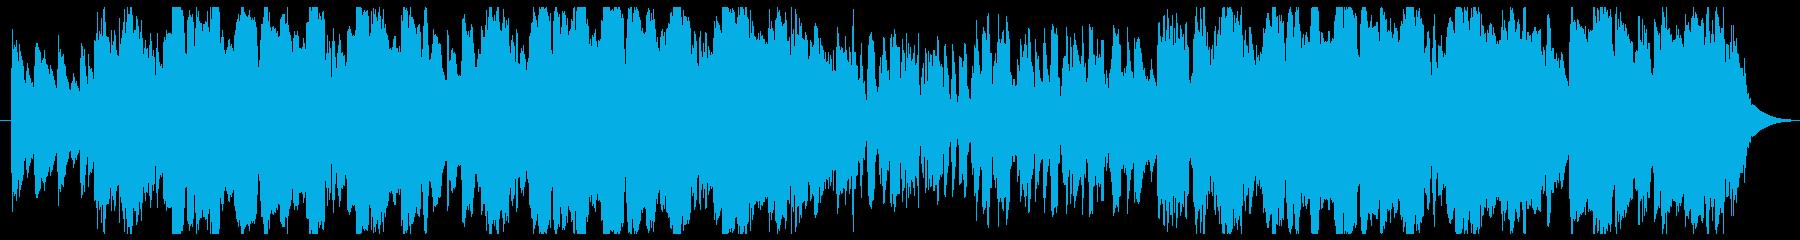 アコーディオンを使った かわいいワルツの再生済みの波形